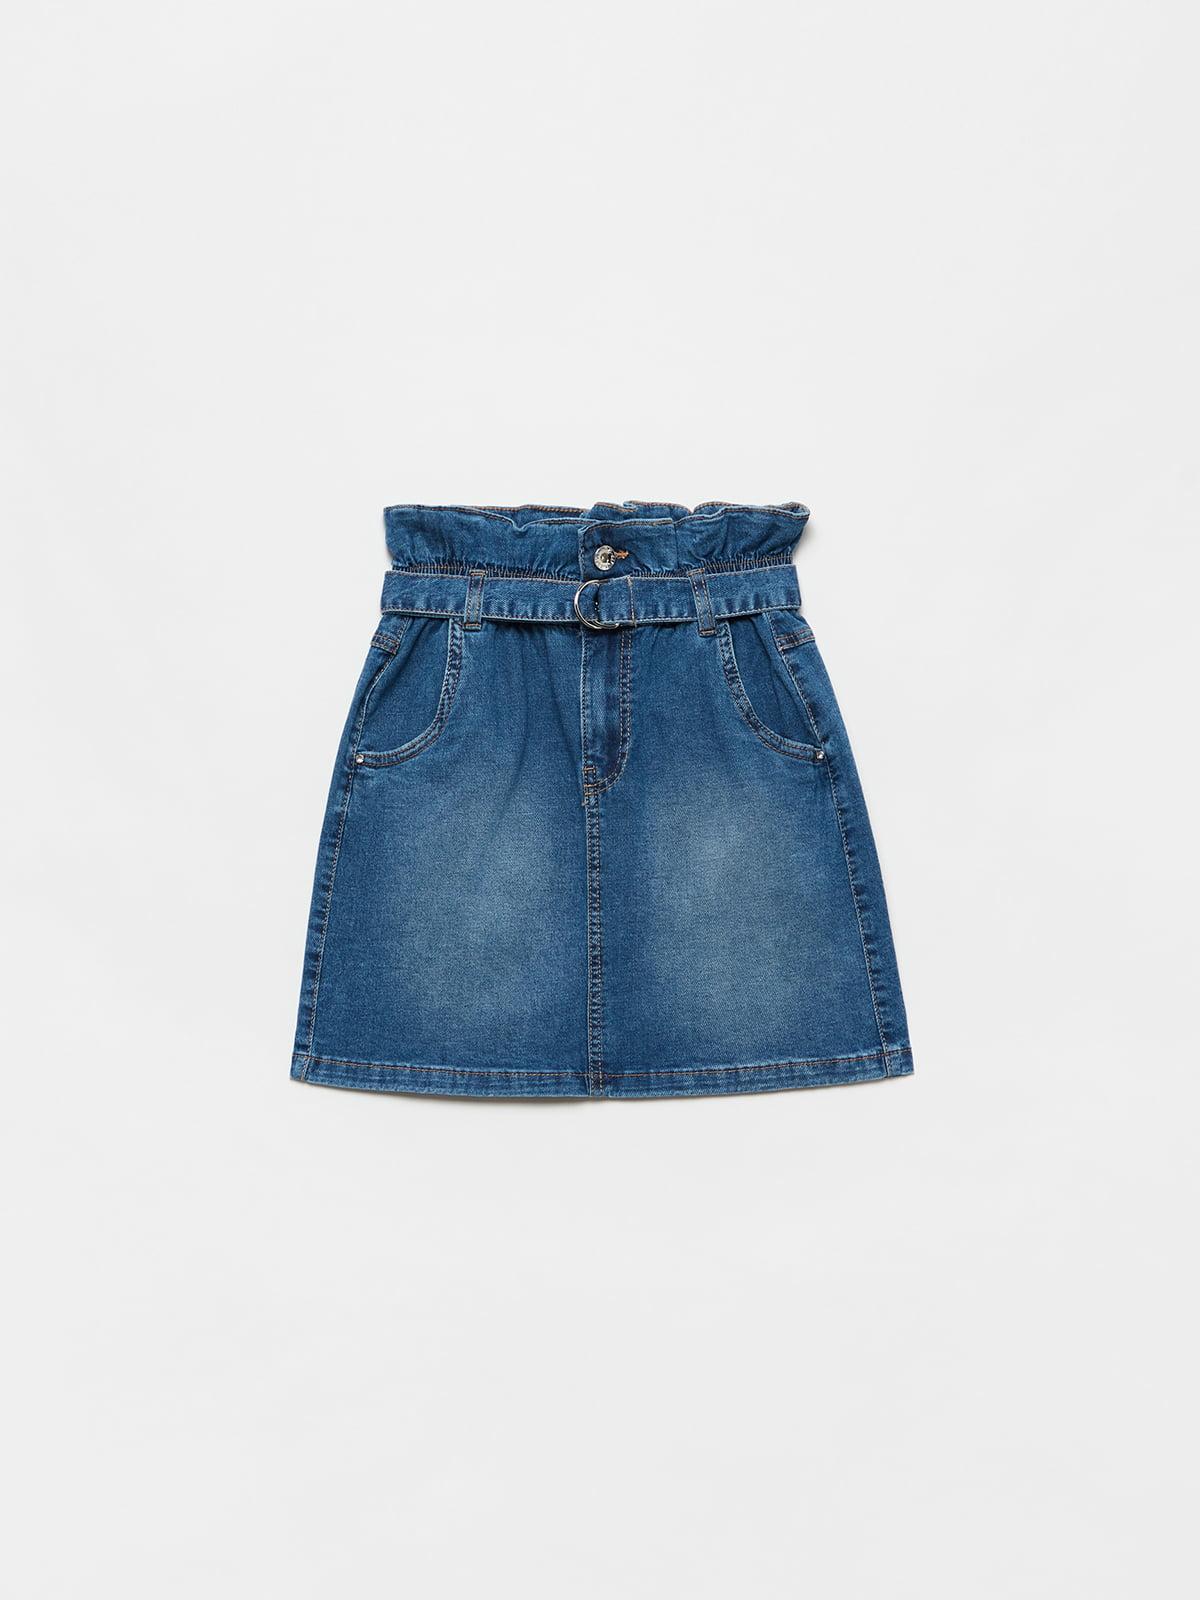 Юбка синяя джинсовая | 5635476